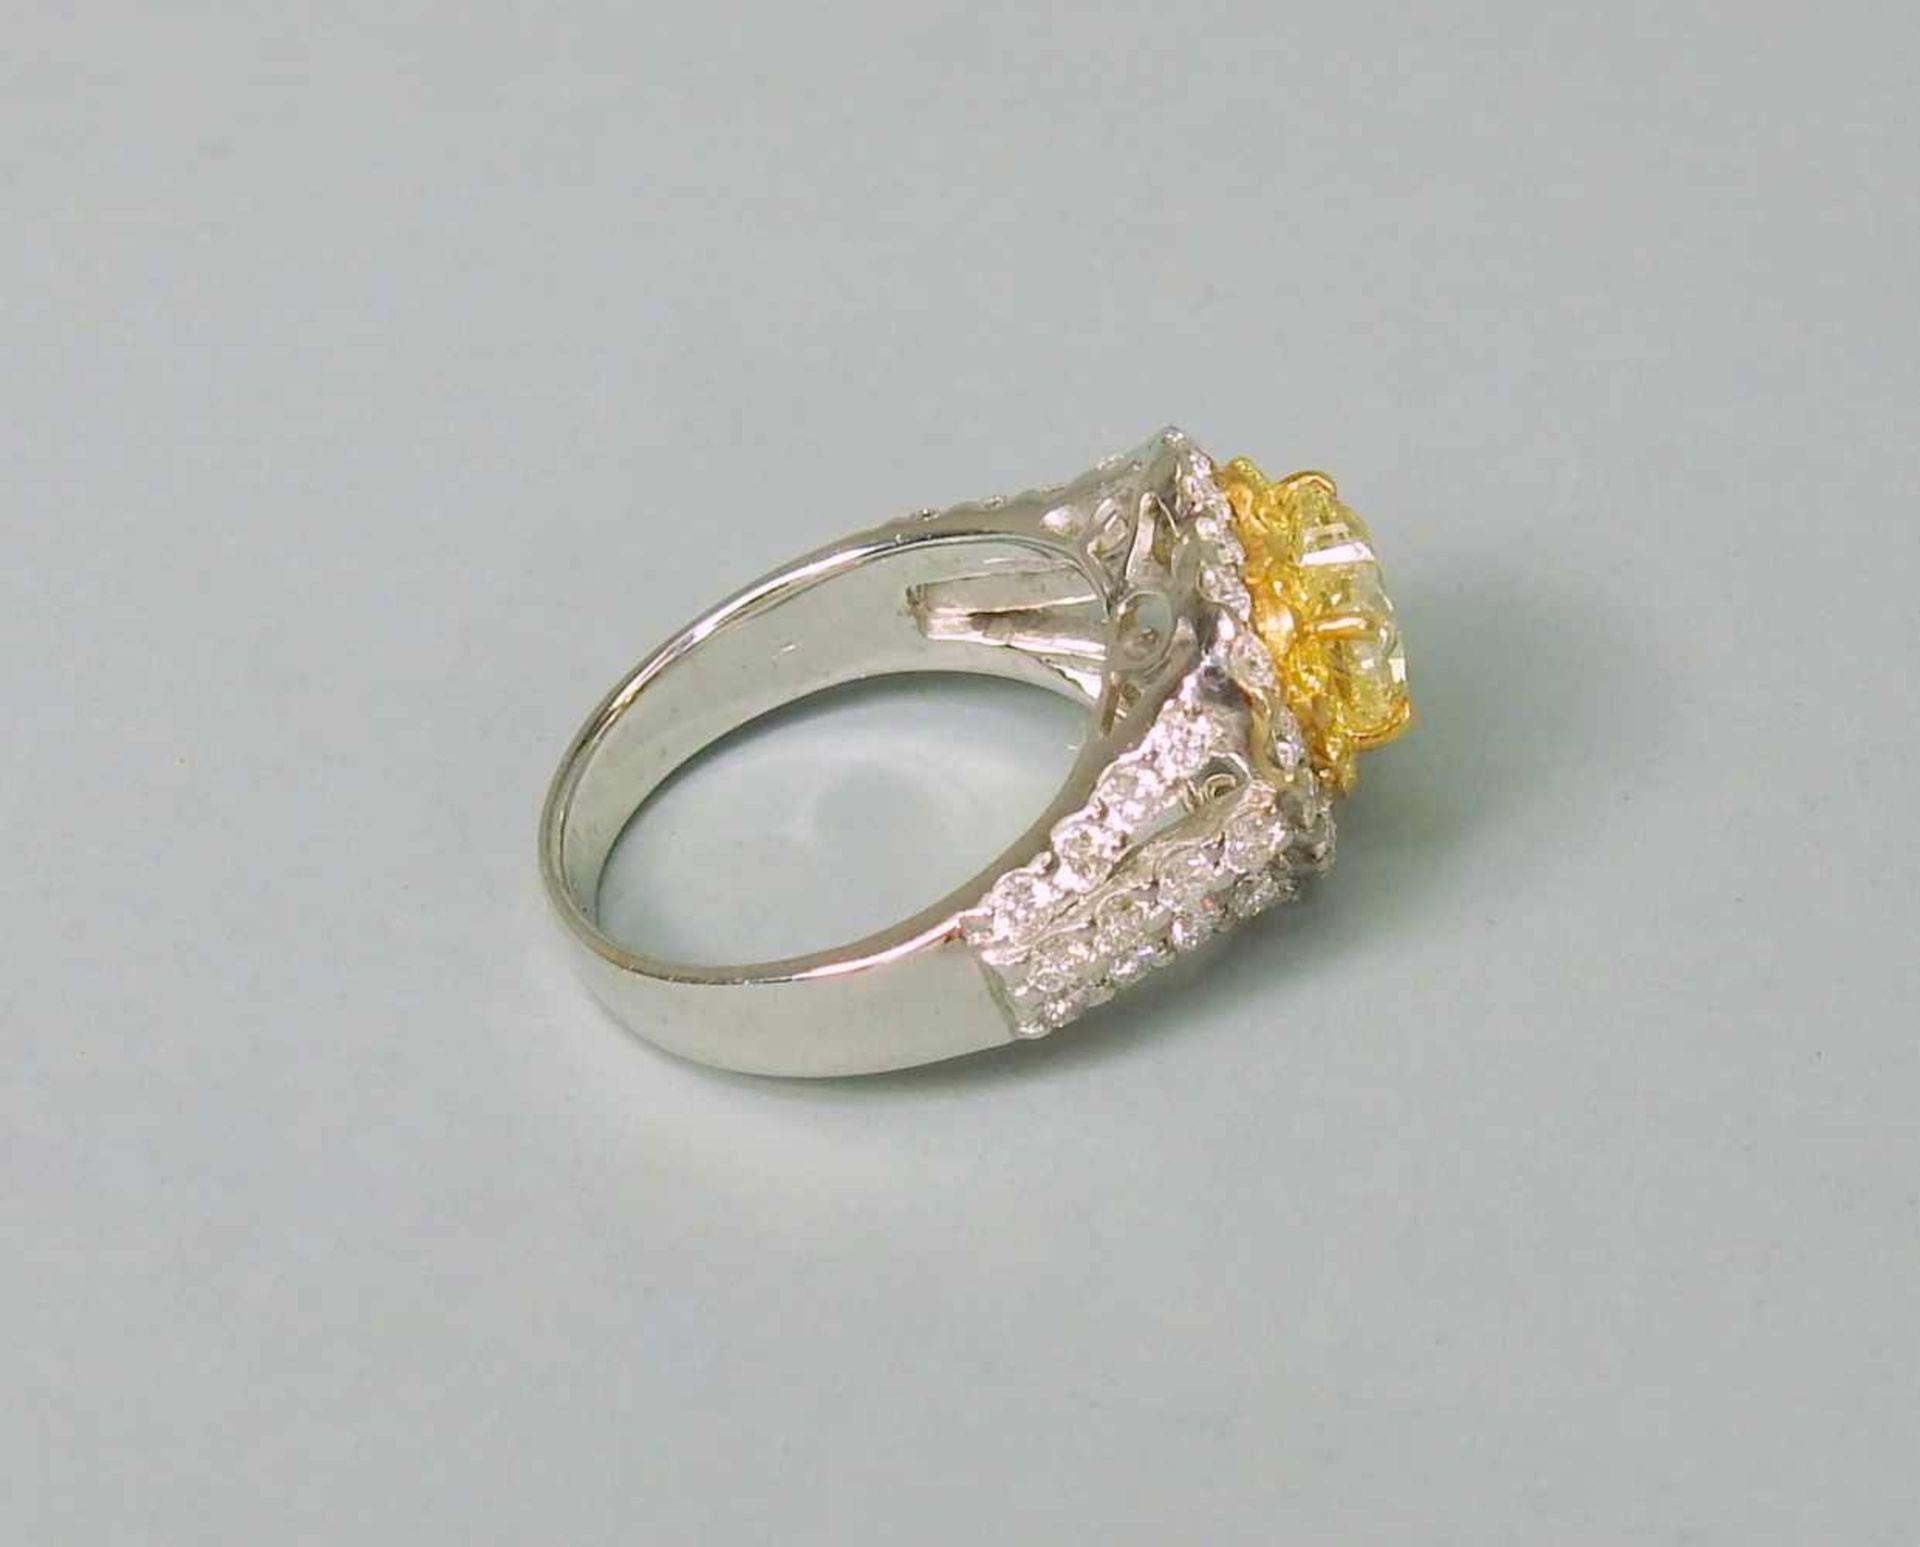 Außergewöhnlicher Diamantring18 K Weißgold. Auffälliger herzförmiger, gelber Diam - Image 3 of 3